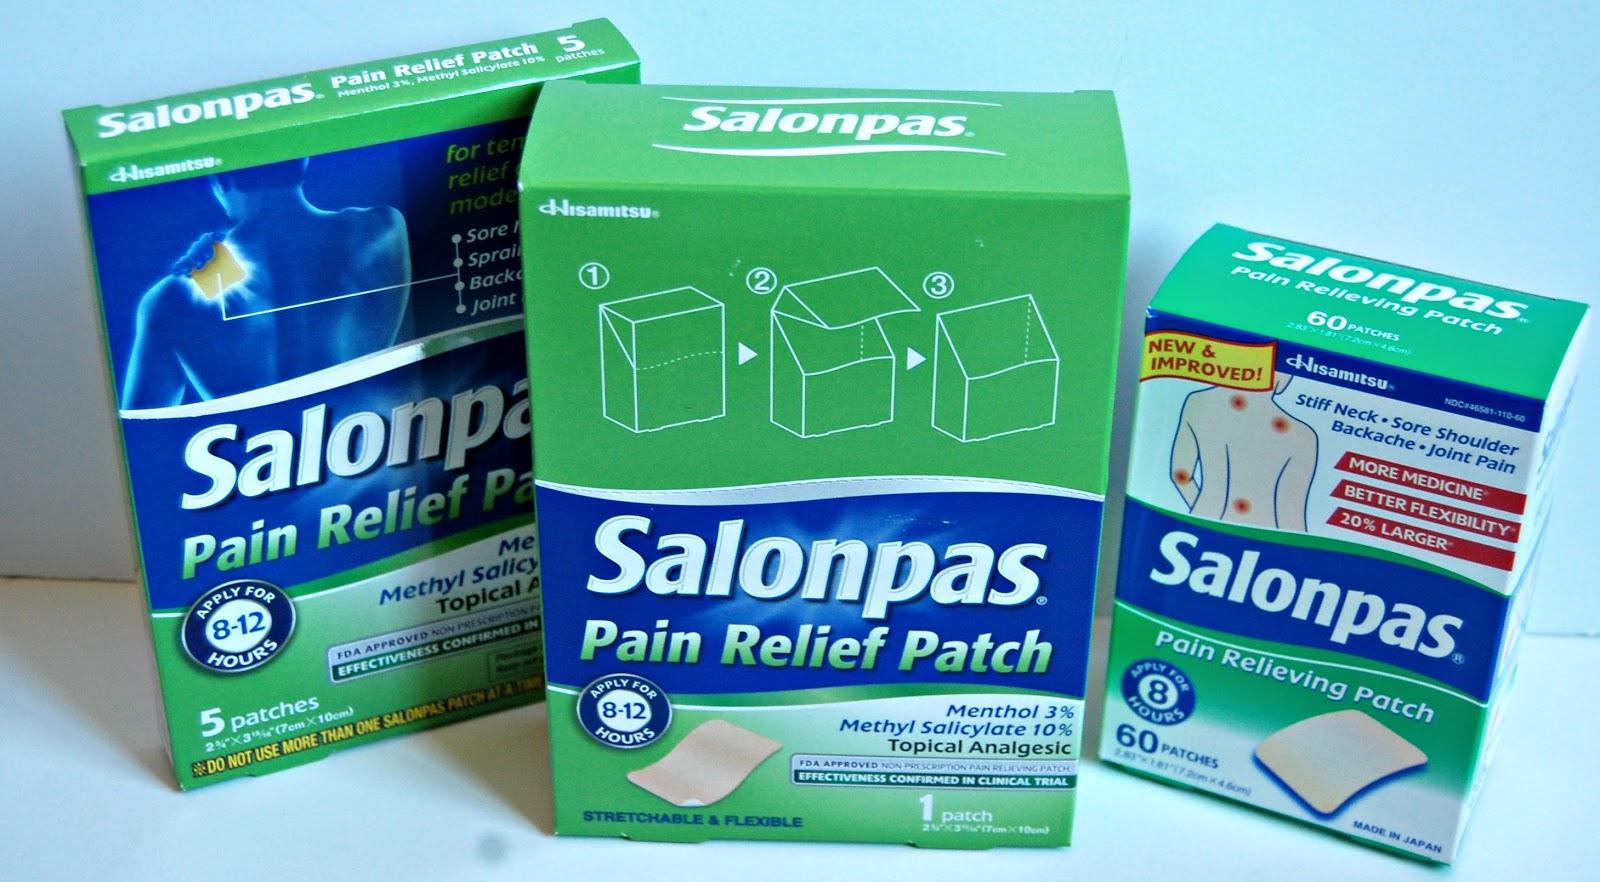 for Salonpas lidocaine 4 patch